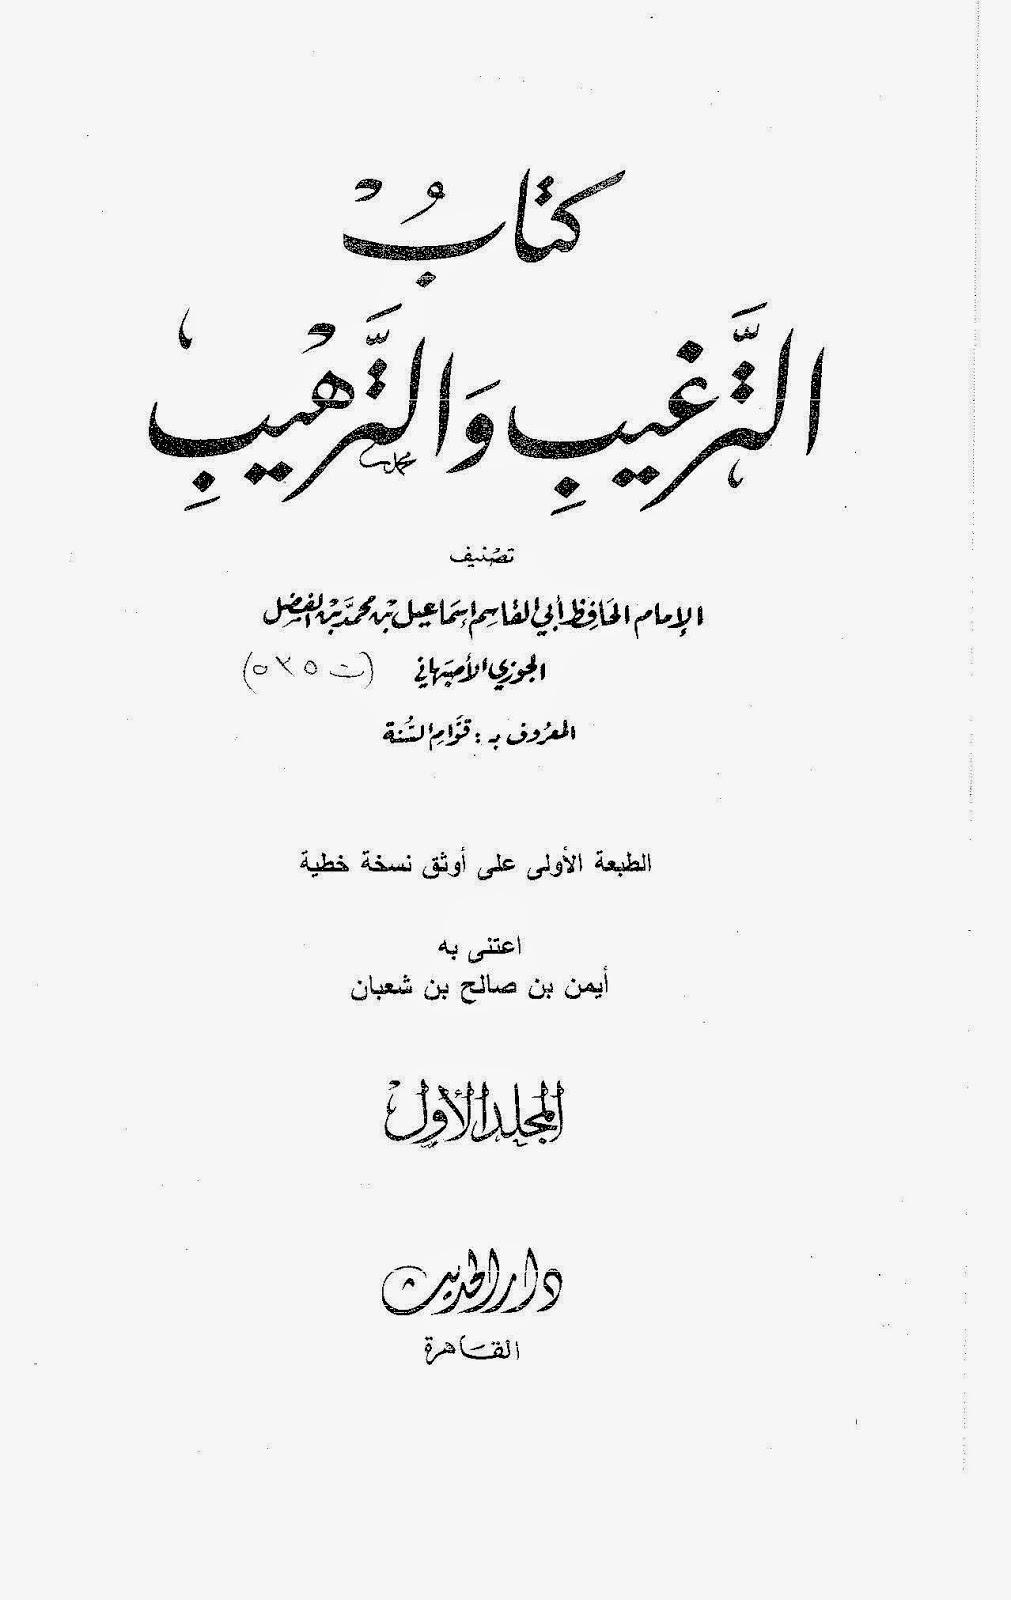 كتاب الترغيب والترهيب لـ  إسماعيل بن محمد بن الفضل الجوزي الأصبهاني أبو القاسم قوام السنة